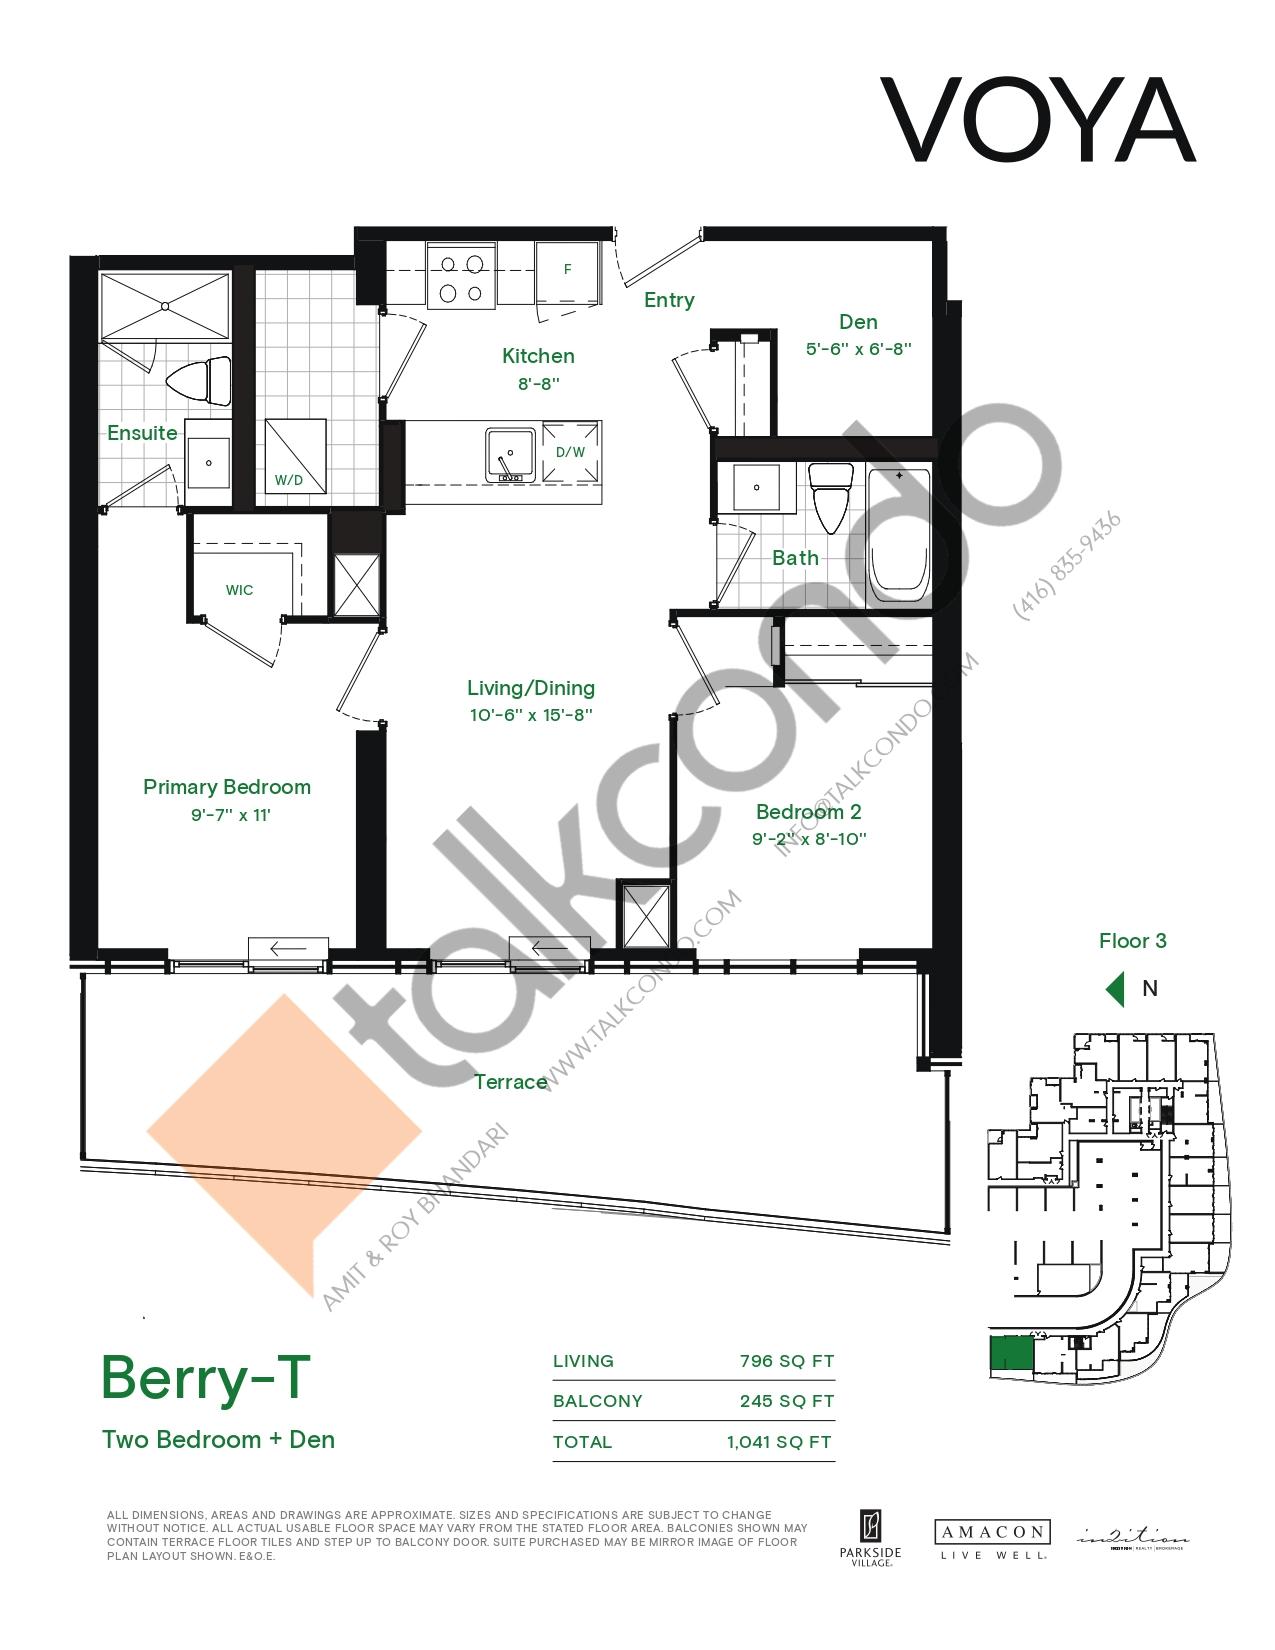 Berry-T (Podium) Floor Plan at Voya at Parkside Village Condos - 796 sq.ft